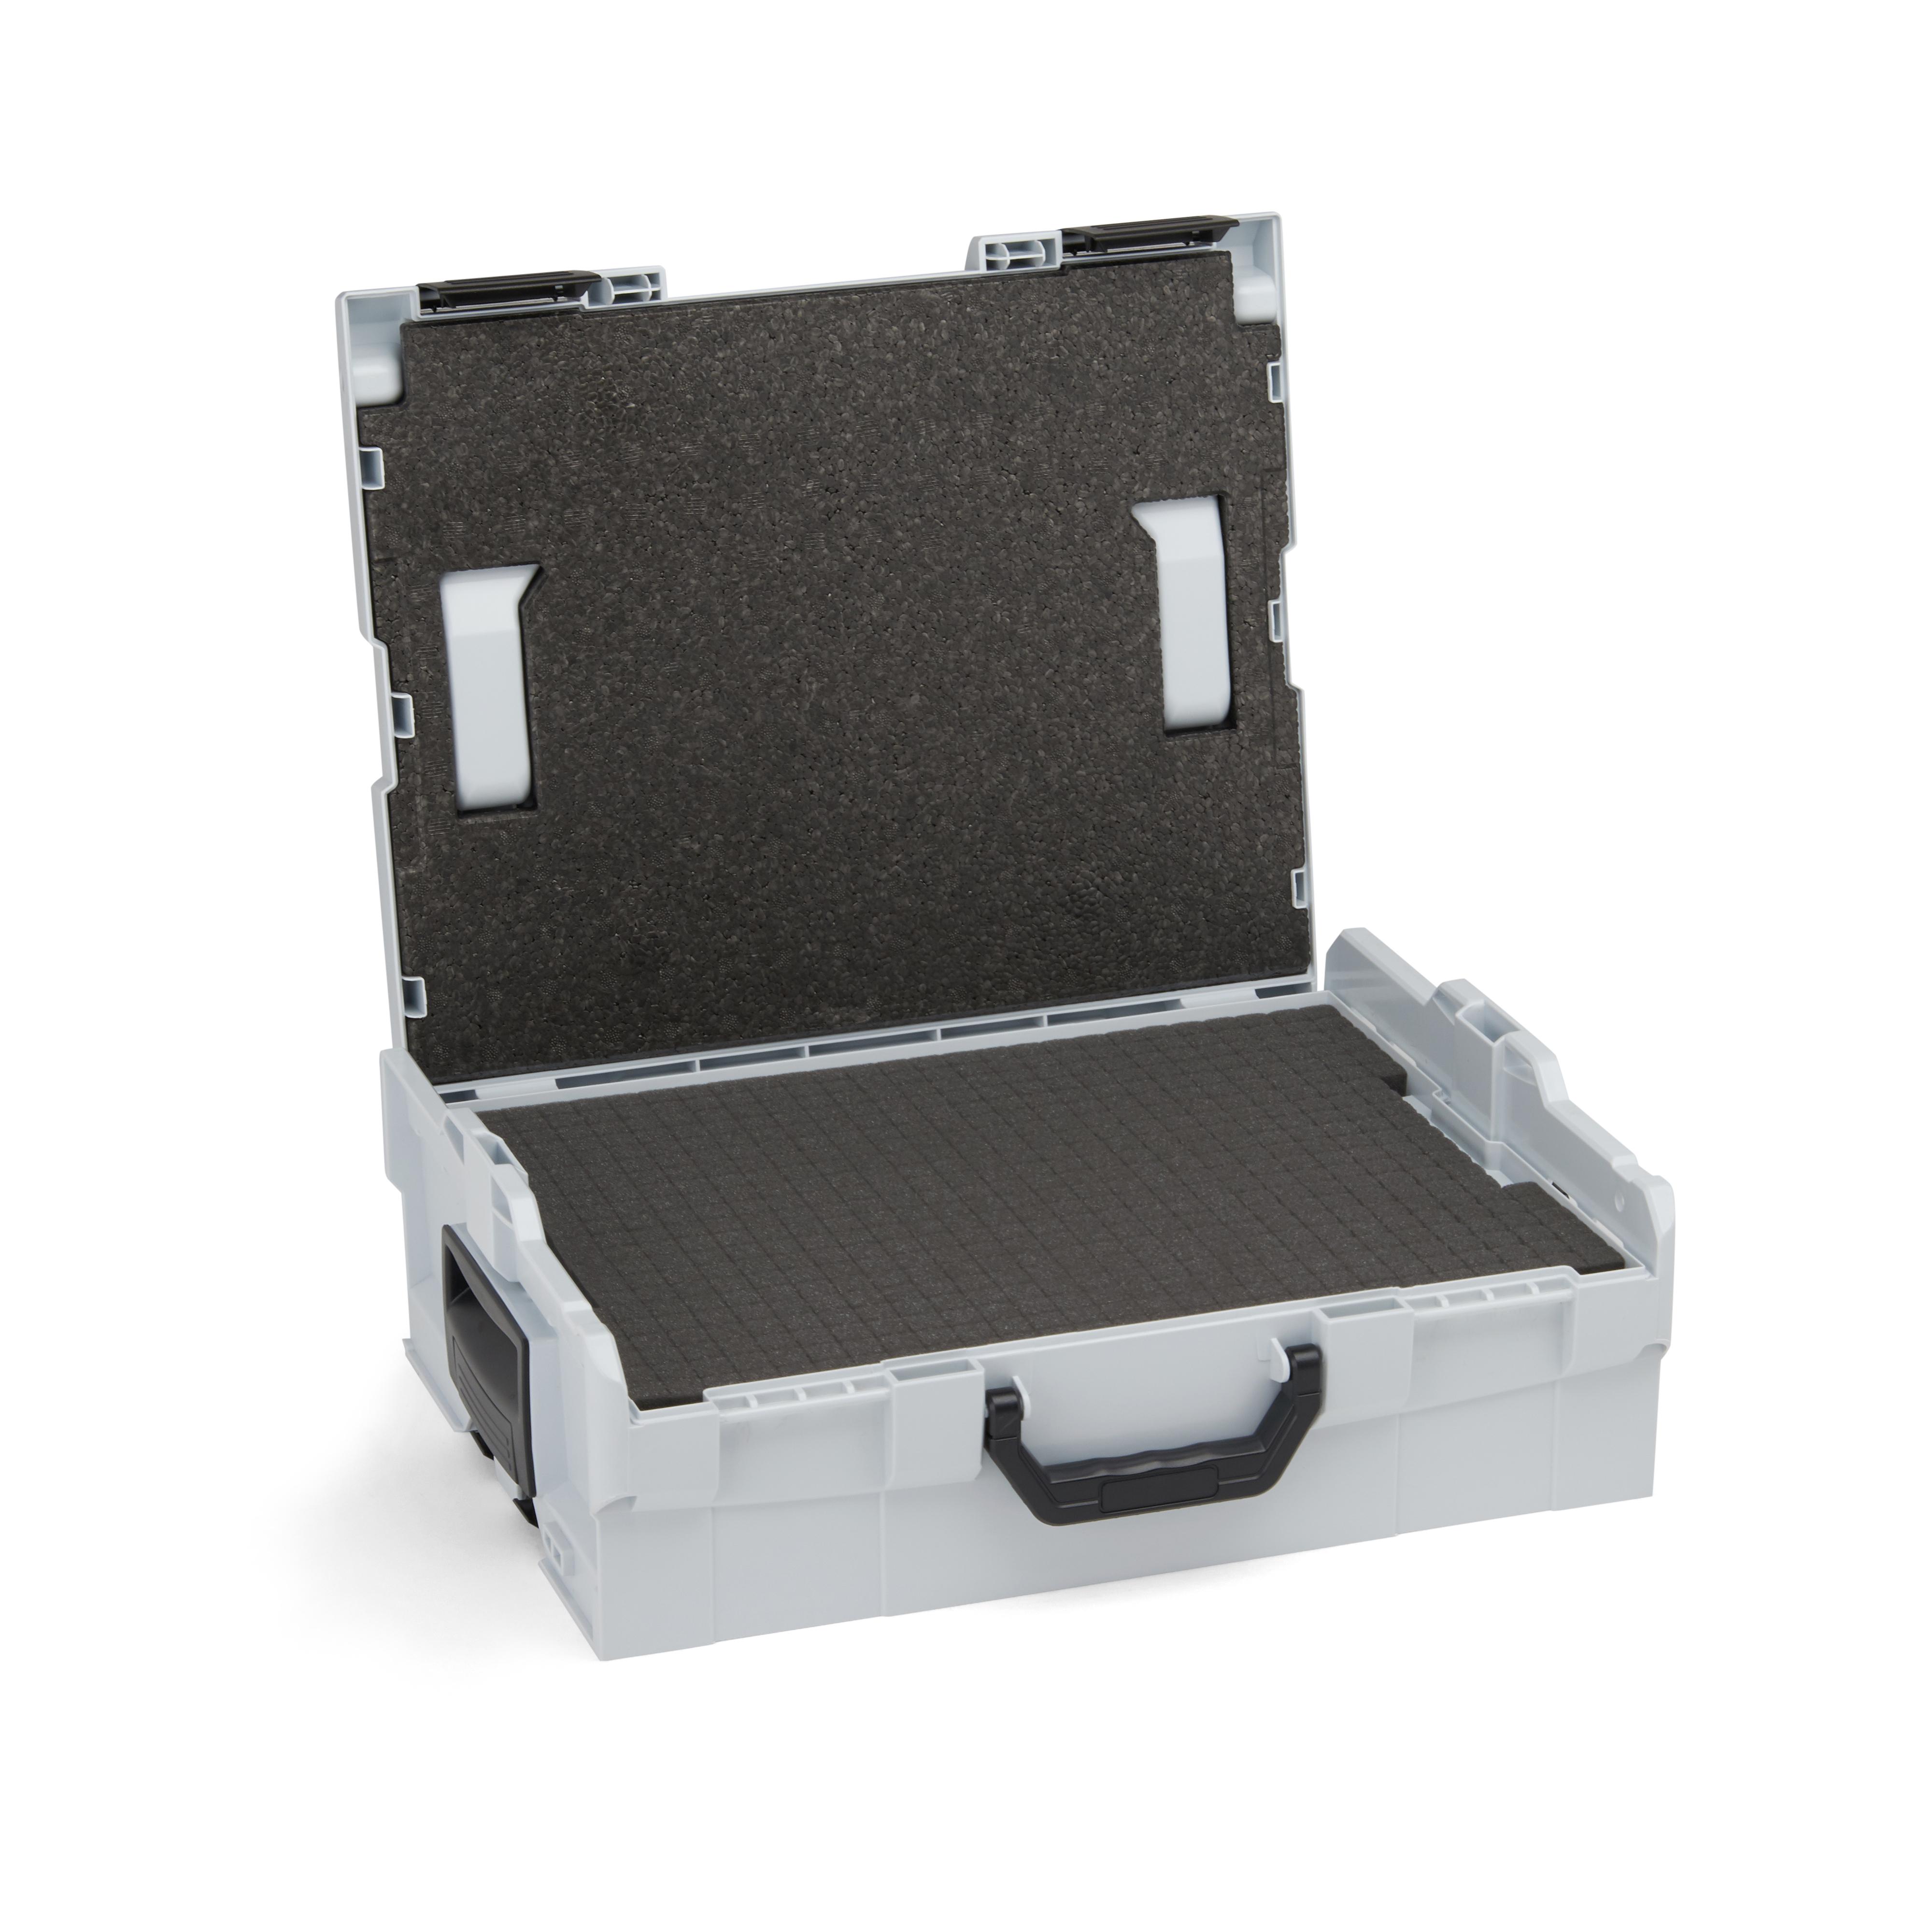 bosch sortimo l boxx 136 inklusive rasterschaumstoff und deckeleinlage. Black Bedroom Furniture Sets. Home Design Ideas